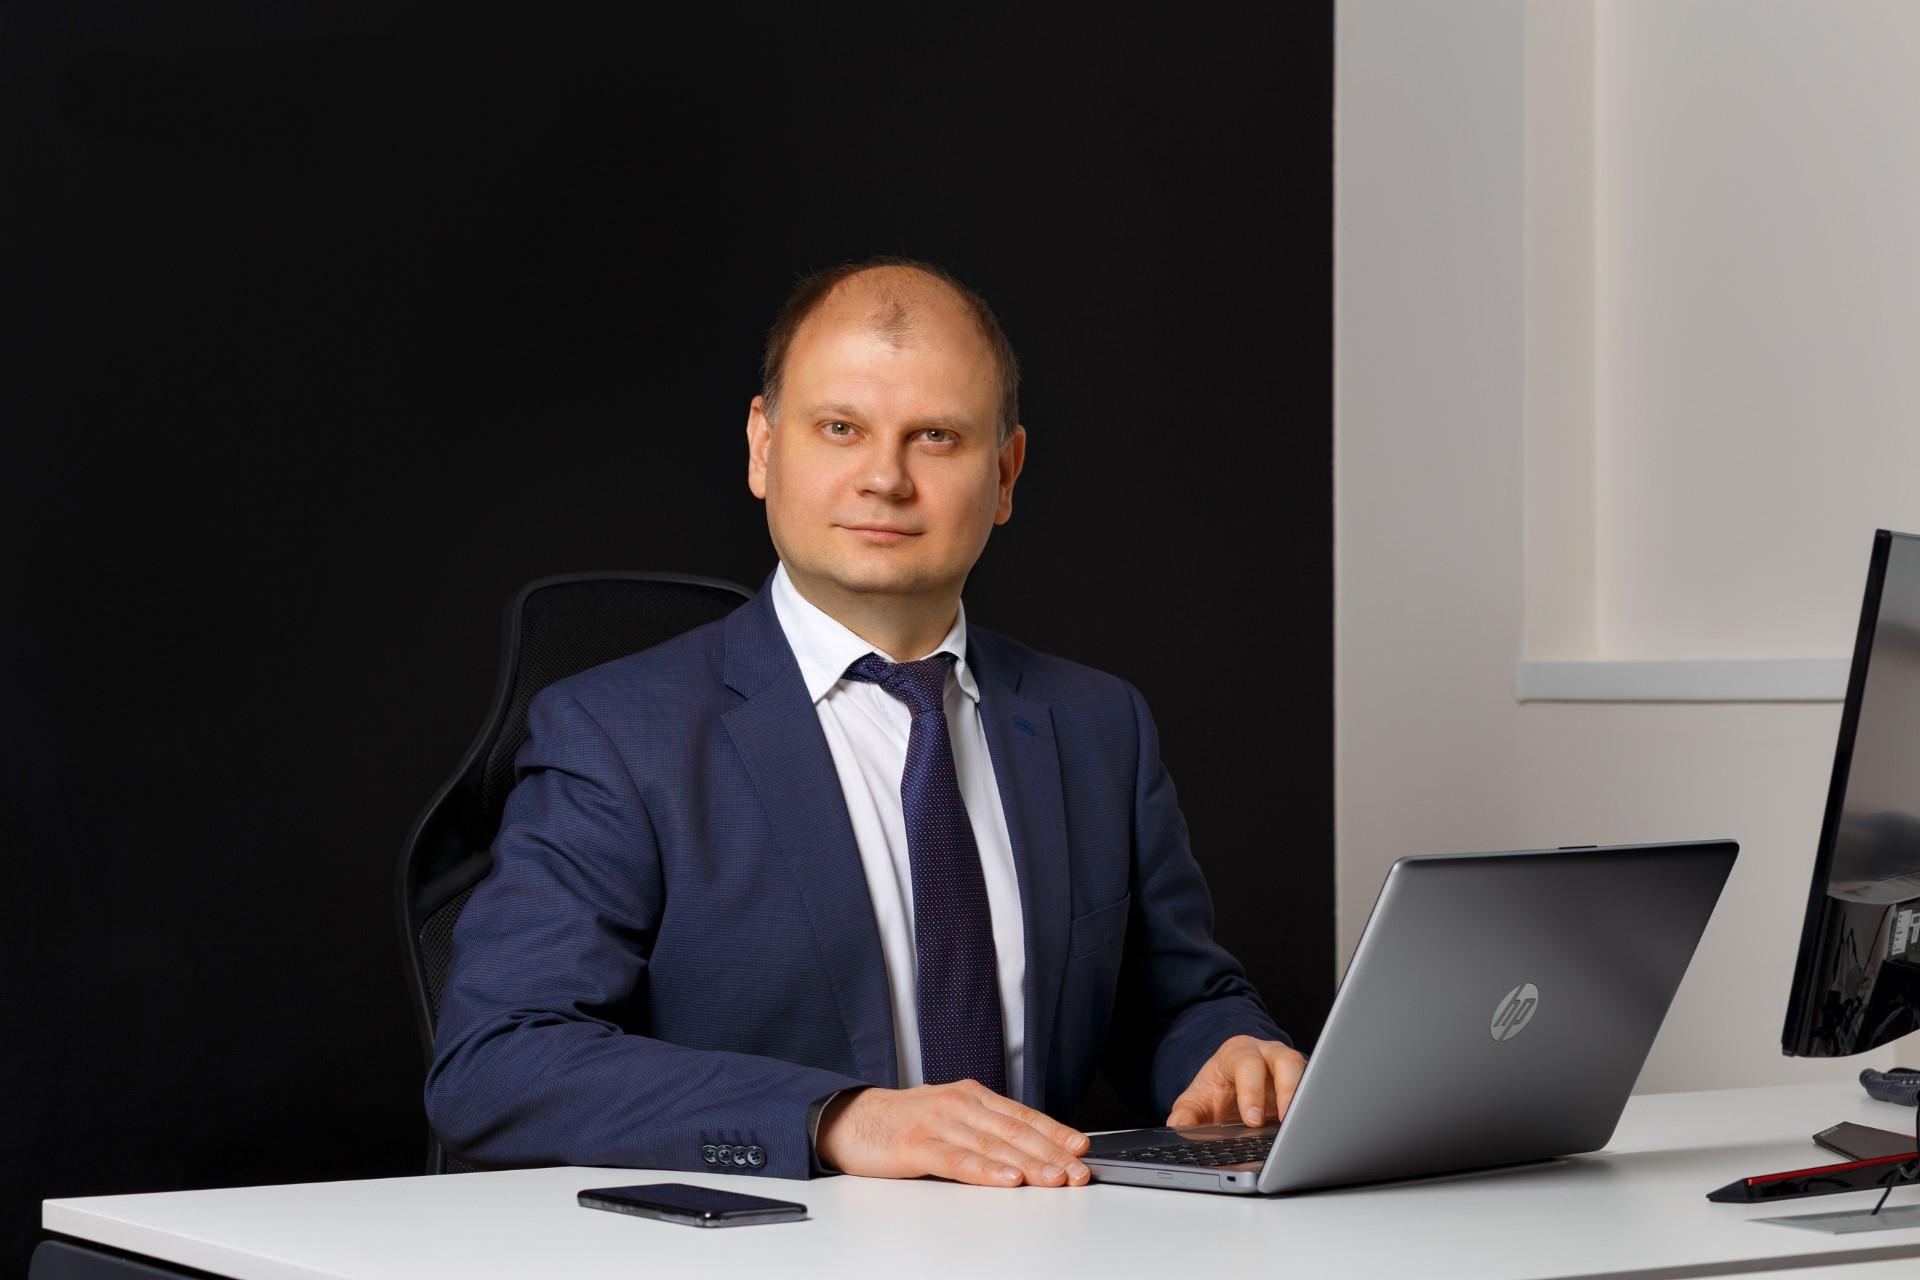 7 складних питань Дмитру Яковлєву, IBOX Bank: чи є майбутнє у карток, коли у машин будуть гаманці, та як усі українці отримають рахунок у банку